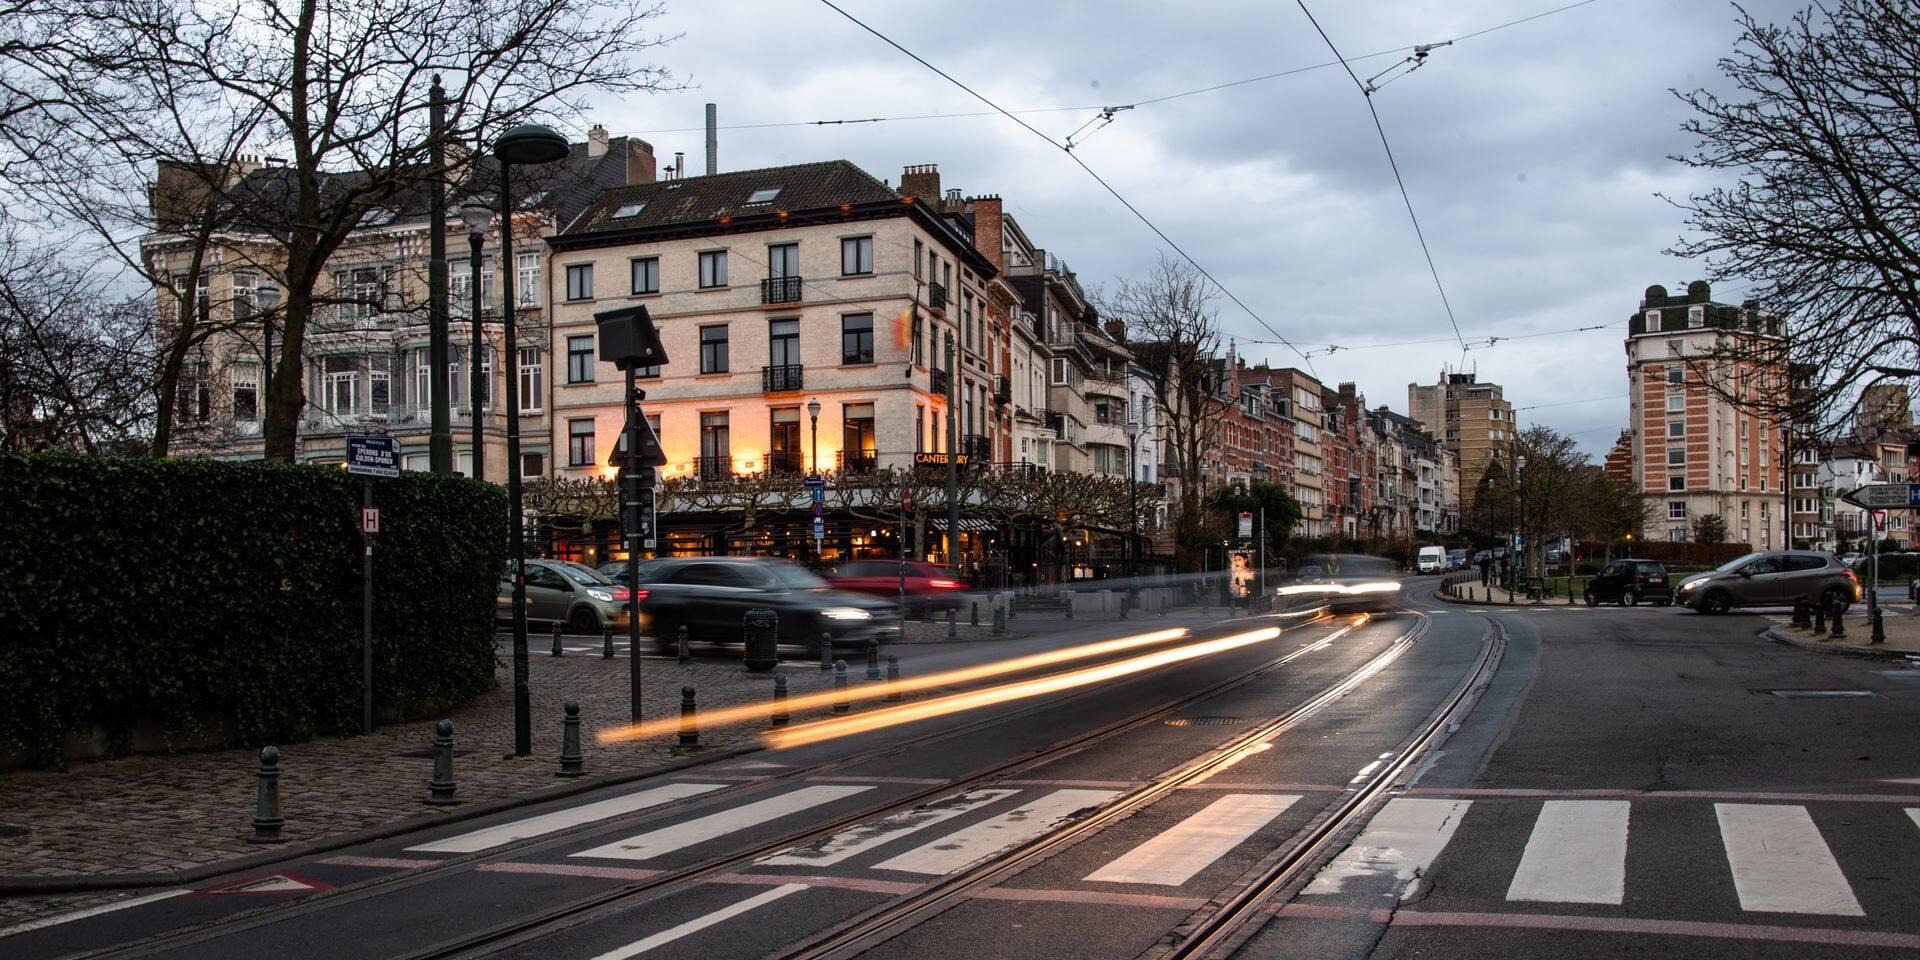 Bruxelles - Ixelles: Zone 30 - limitation de vitesse - exces de vitesse - circulation - voiture - vehicule